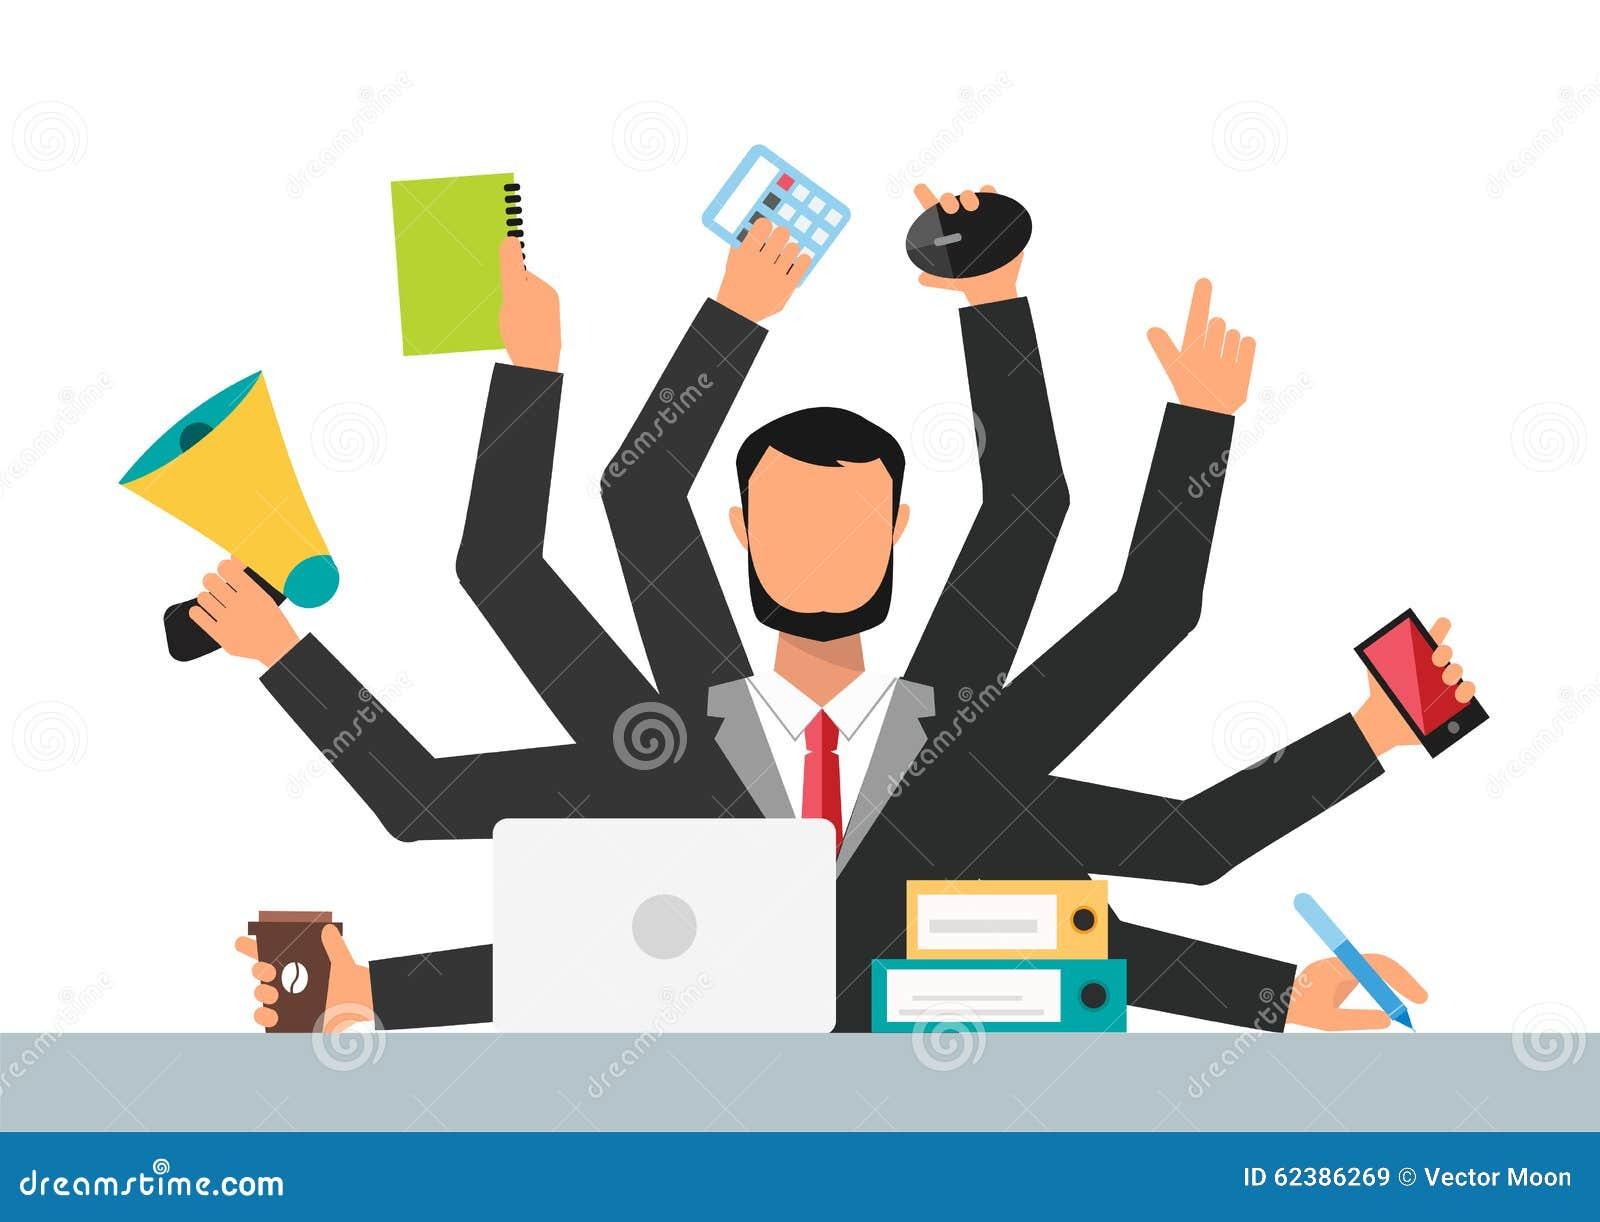 job bureau more employment agencies financial tribune semper fidelis noah previous articles. Black Bedroom Furniture Sets. Home Design Ideas